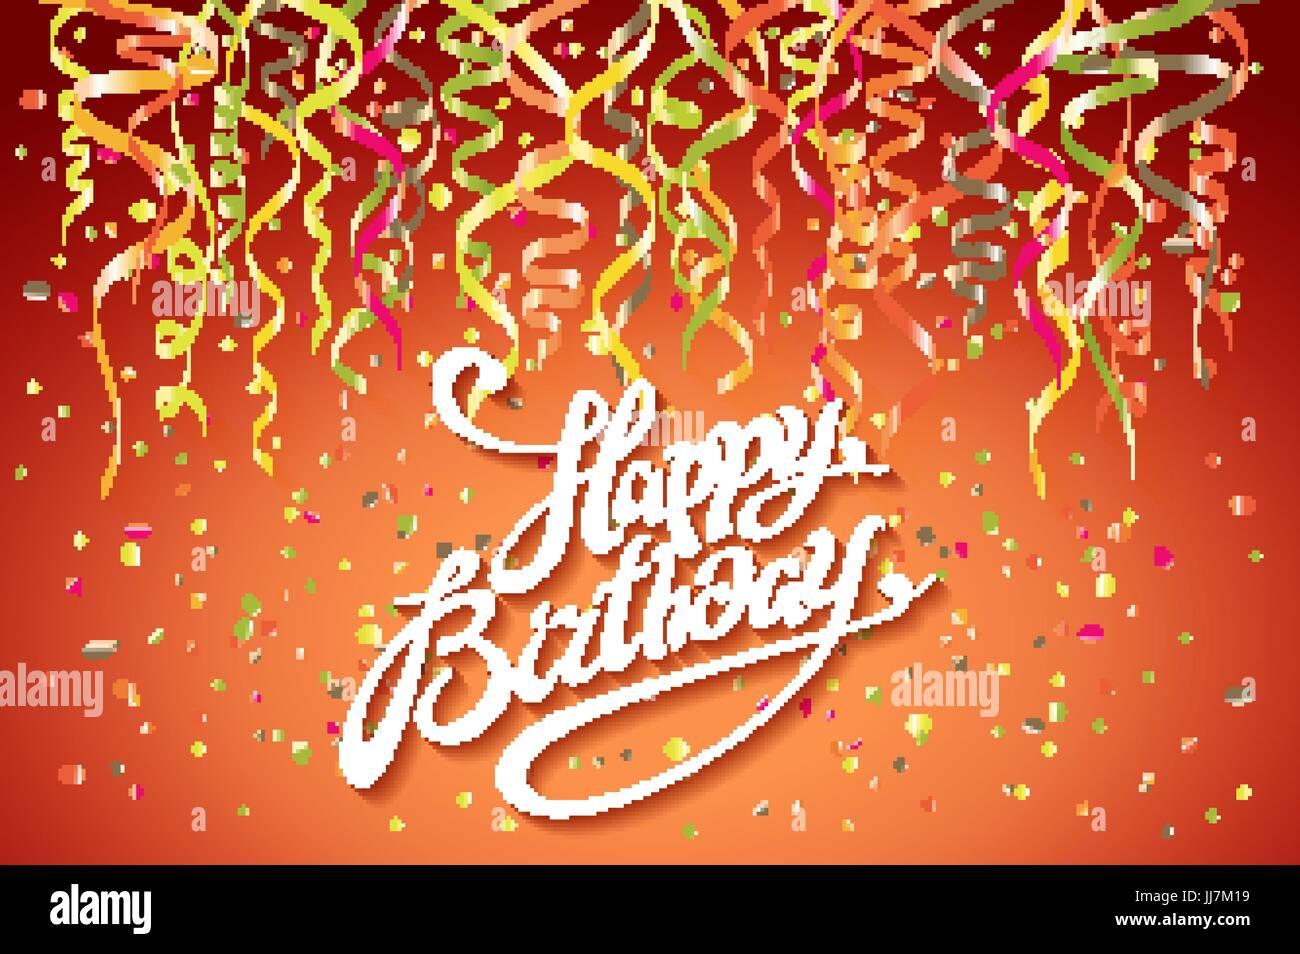 Feliz Cumpleaños Vector Diseño Tipográfico Para Tarjetas De